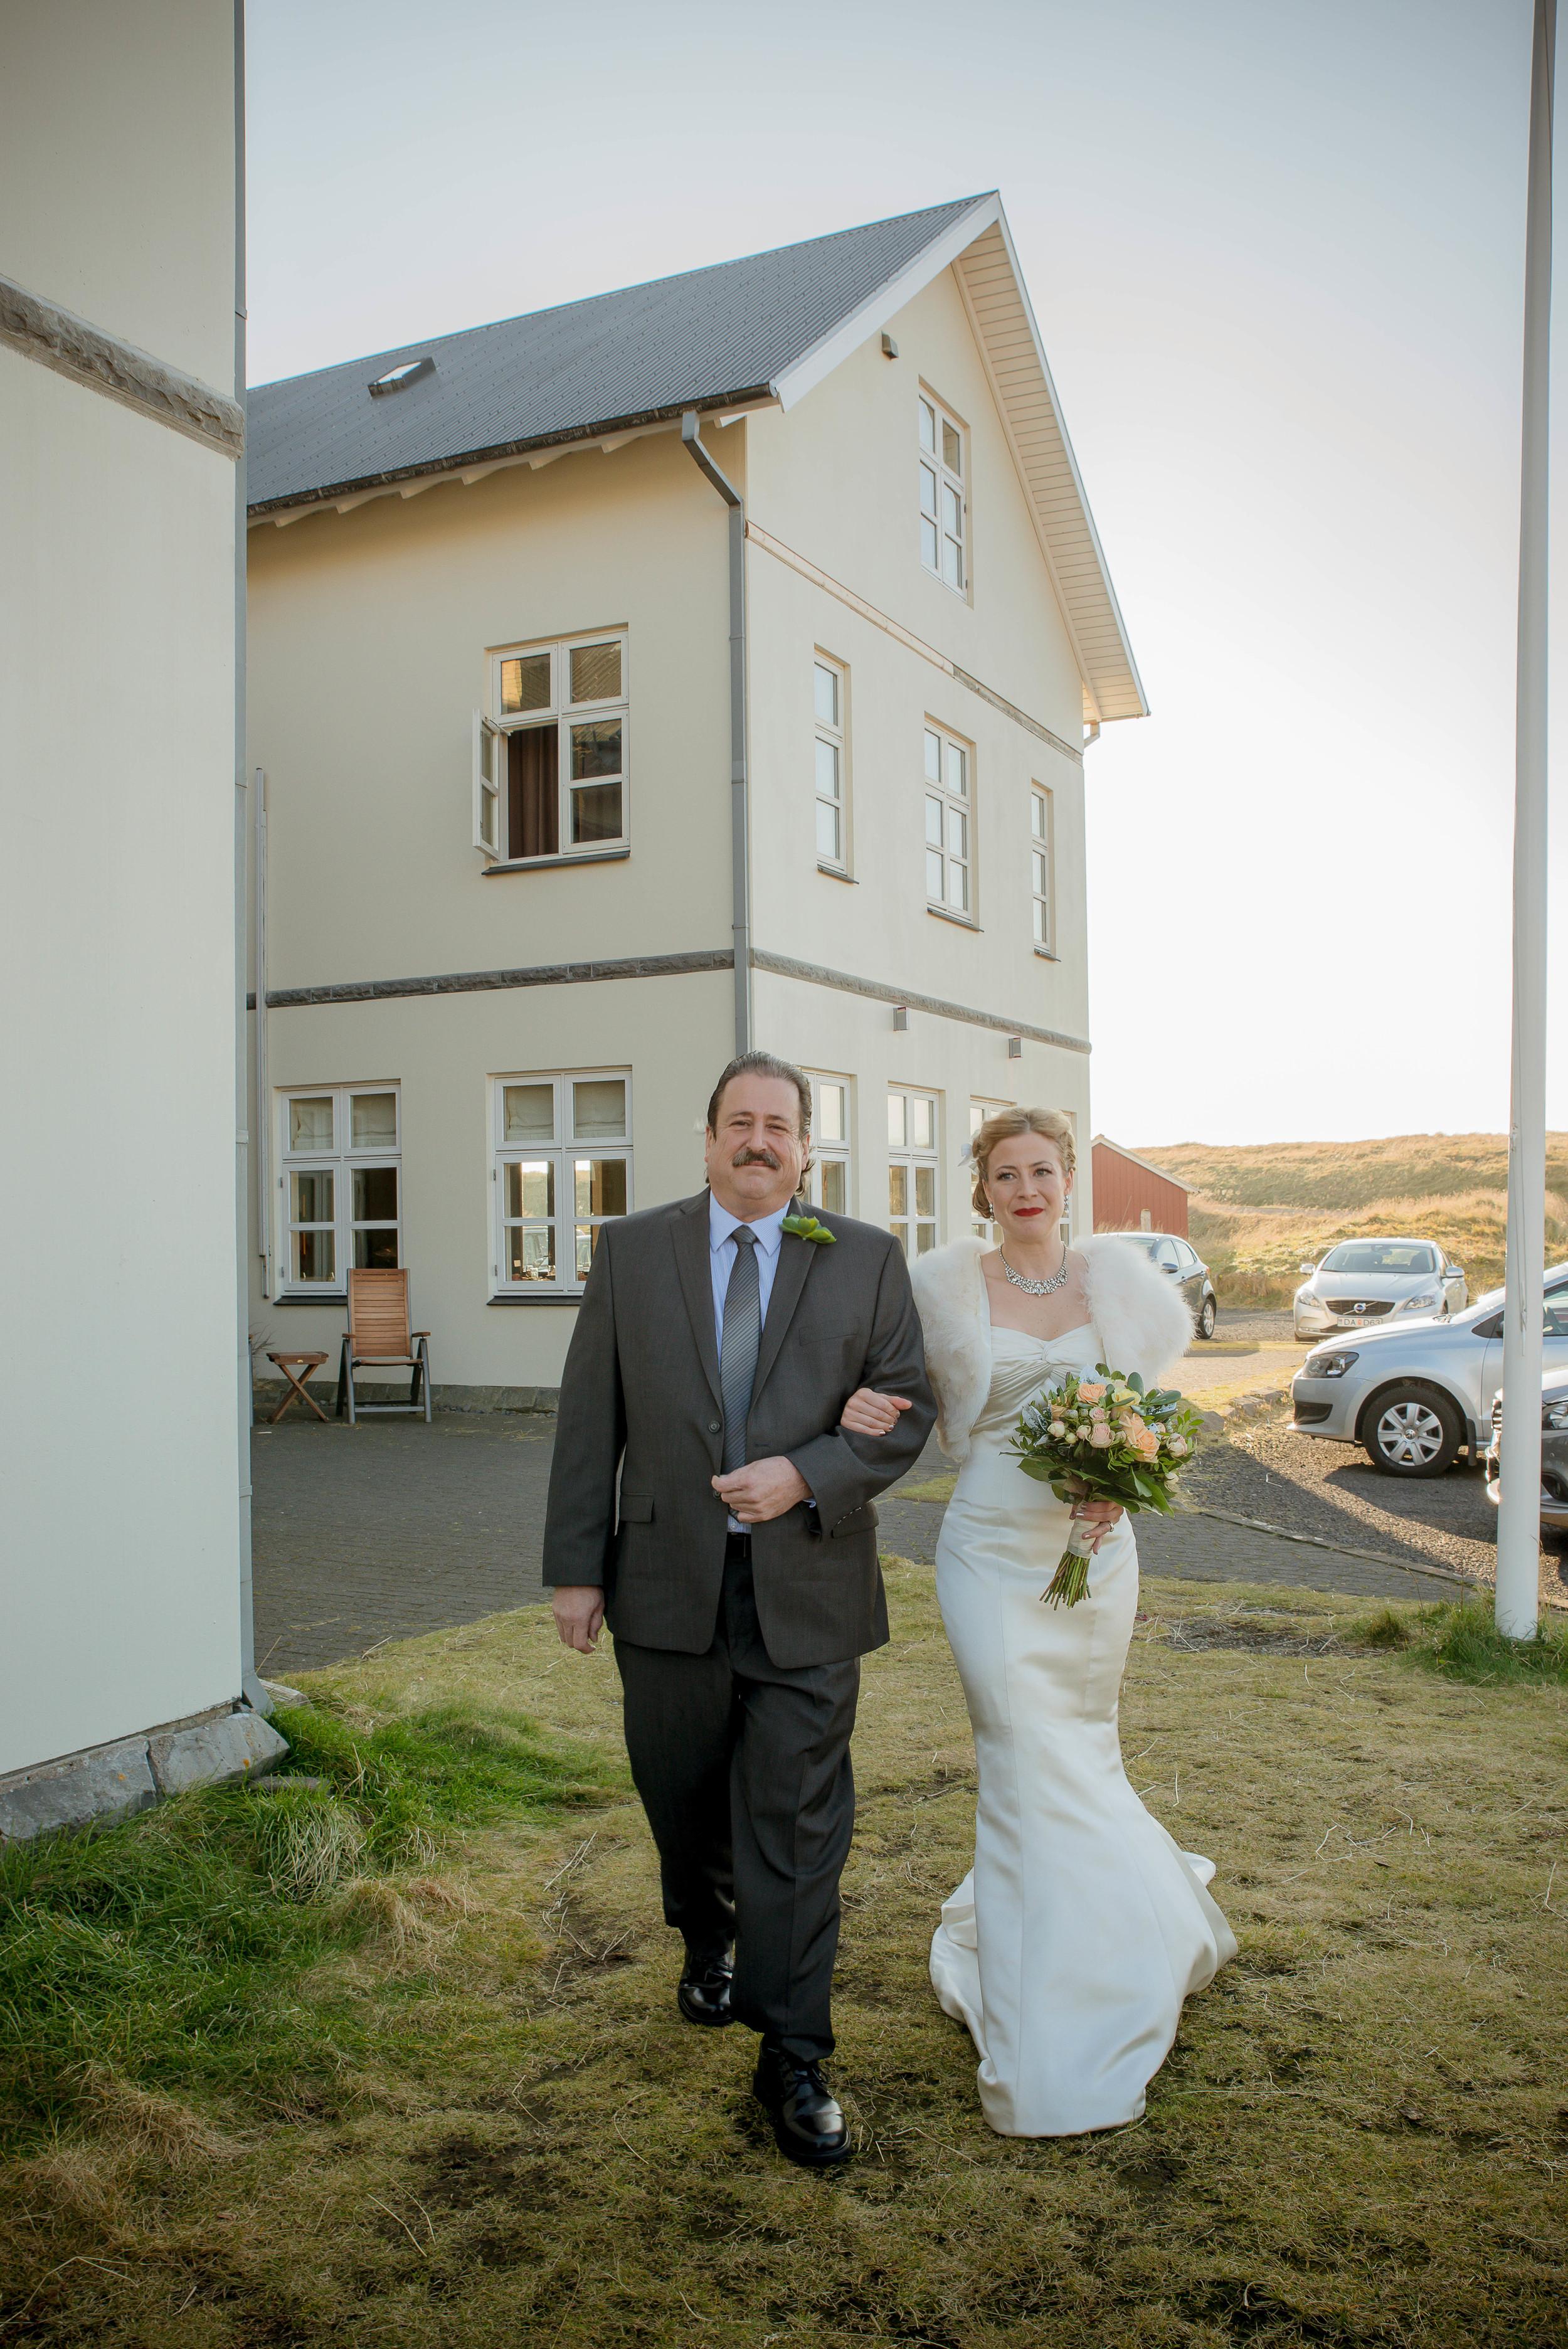 Iceland-Wedding-Photographer-Photos-by-Miss-Ann-7.jpg